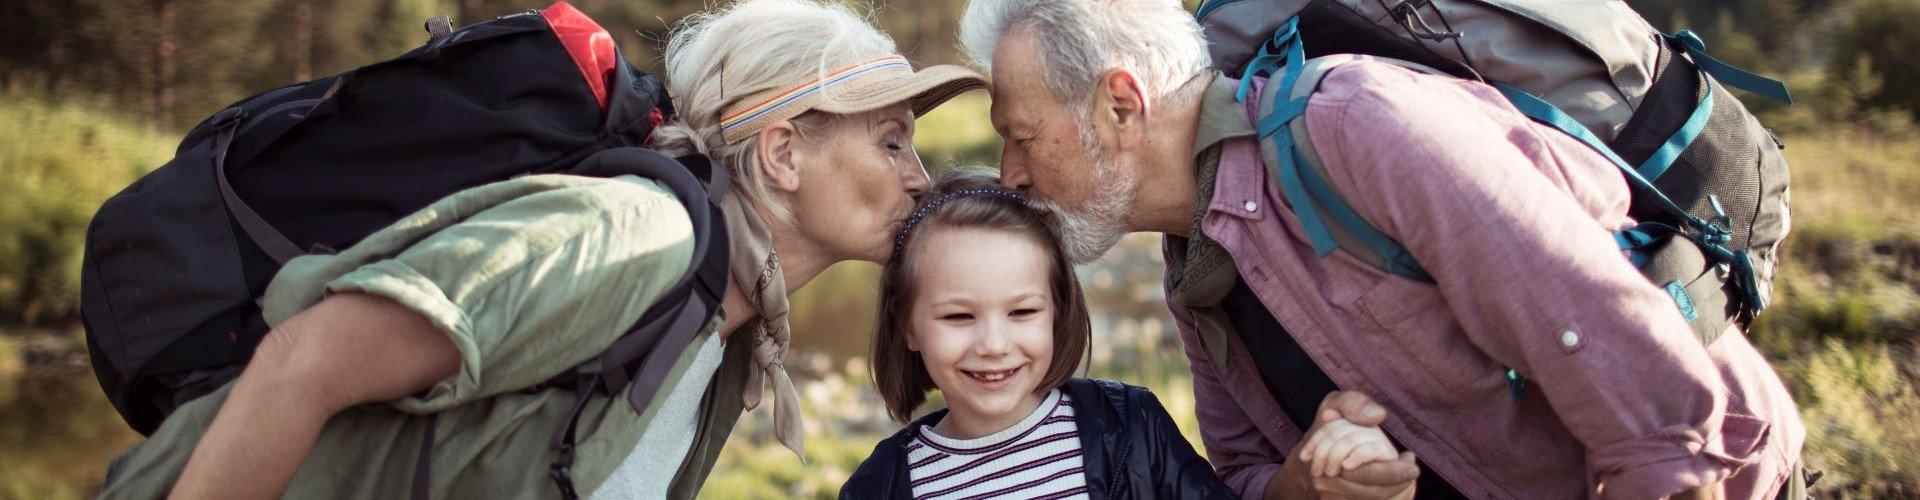 Reisemagazin Urlaub mit den Großeltern